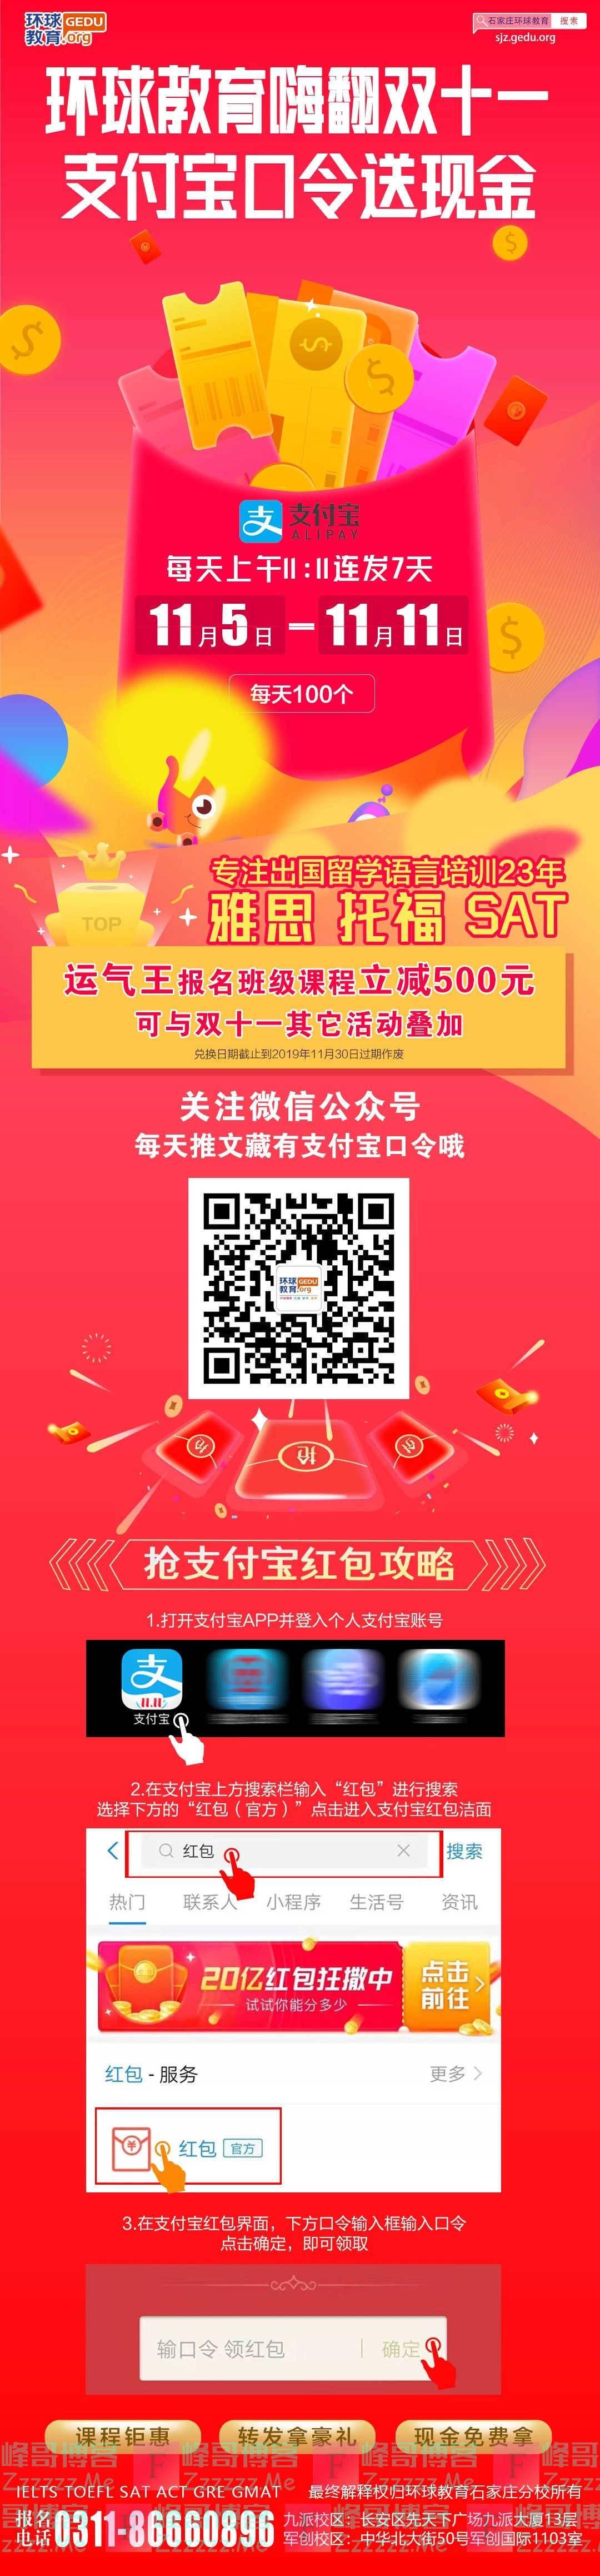 环球教育石家庄分校双十一现金红包(11月11日截止)